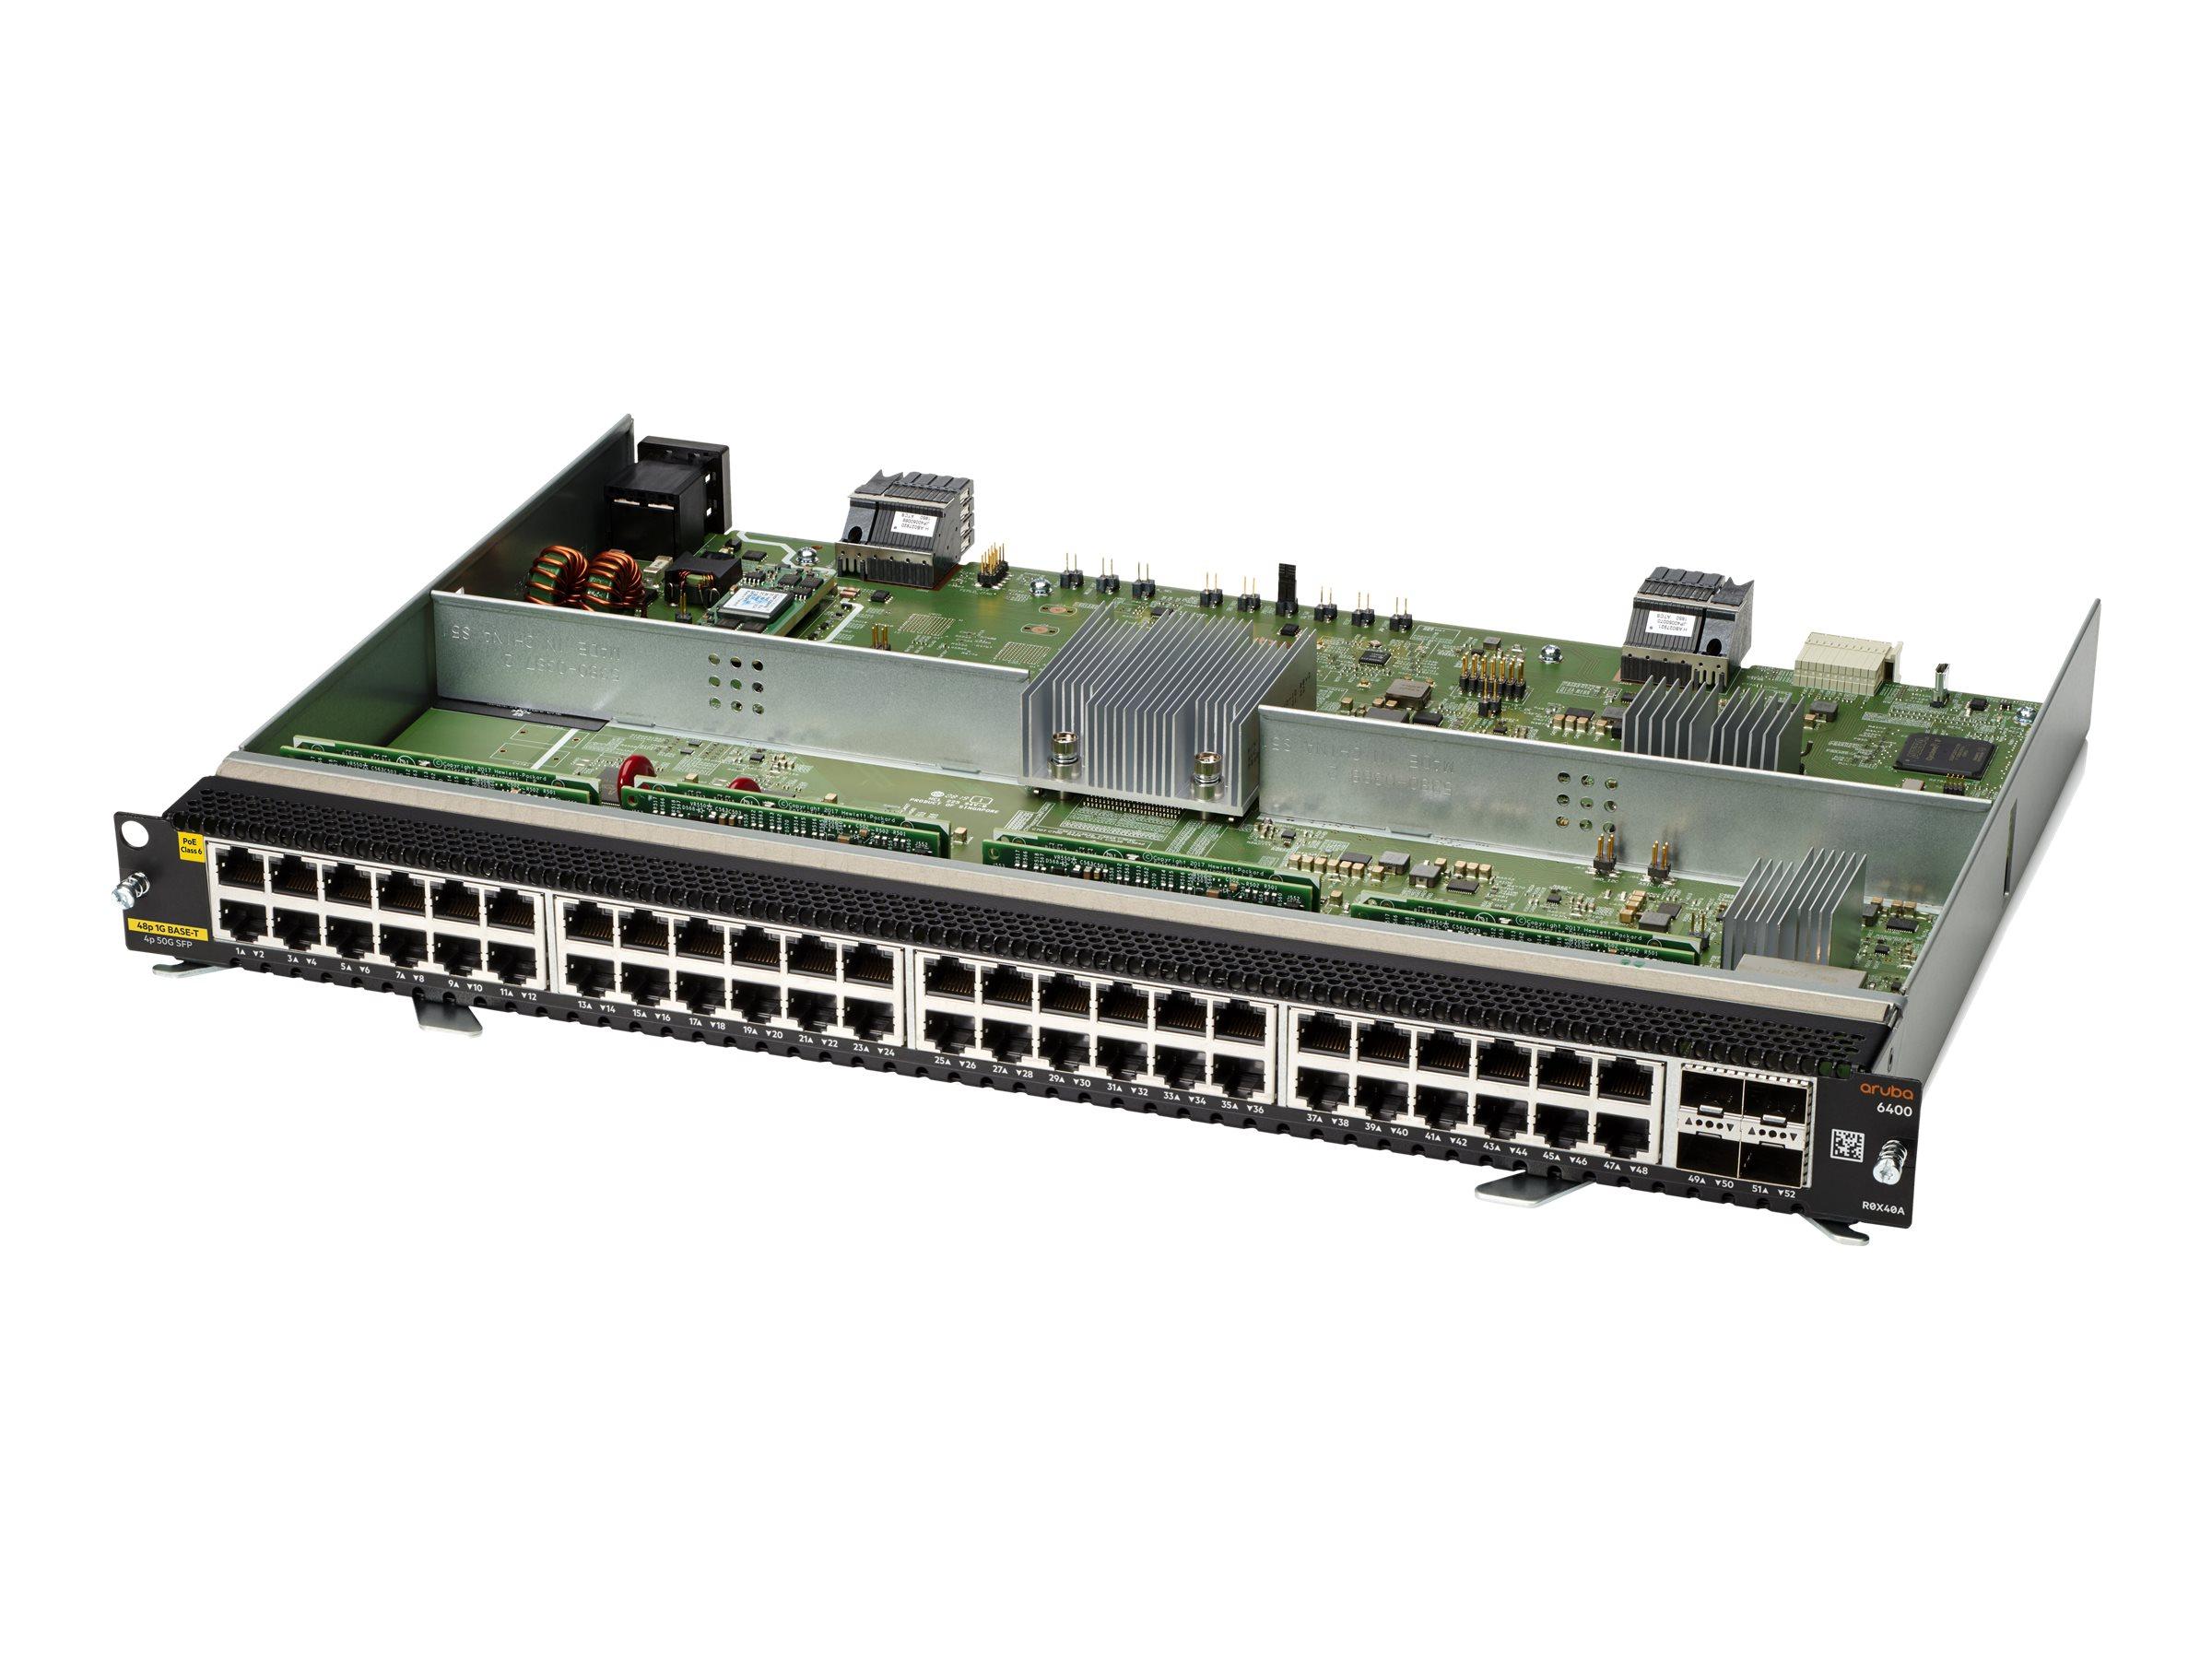 HPE Aruba 6400 - expansion module - Gigabit Ethernet (PoE) x 48 + Gigabit Ethernet x 4